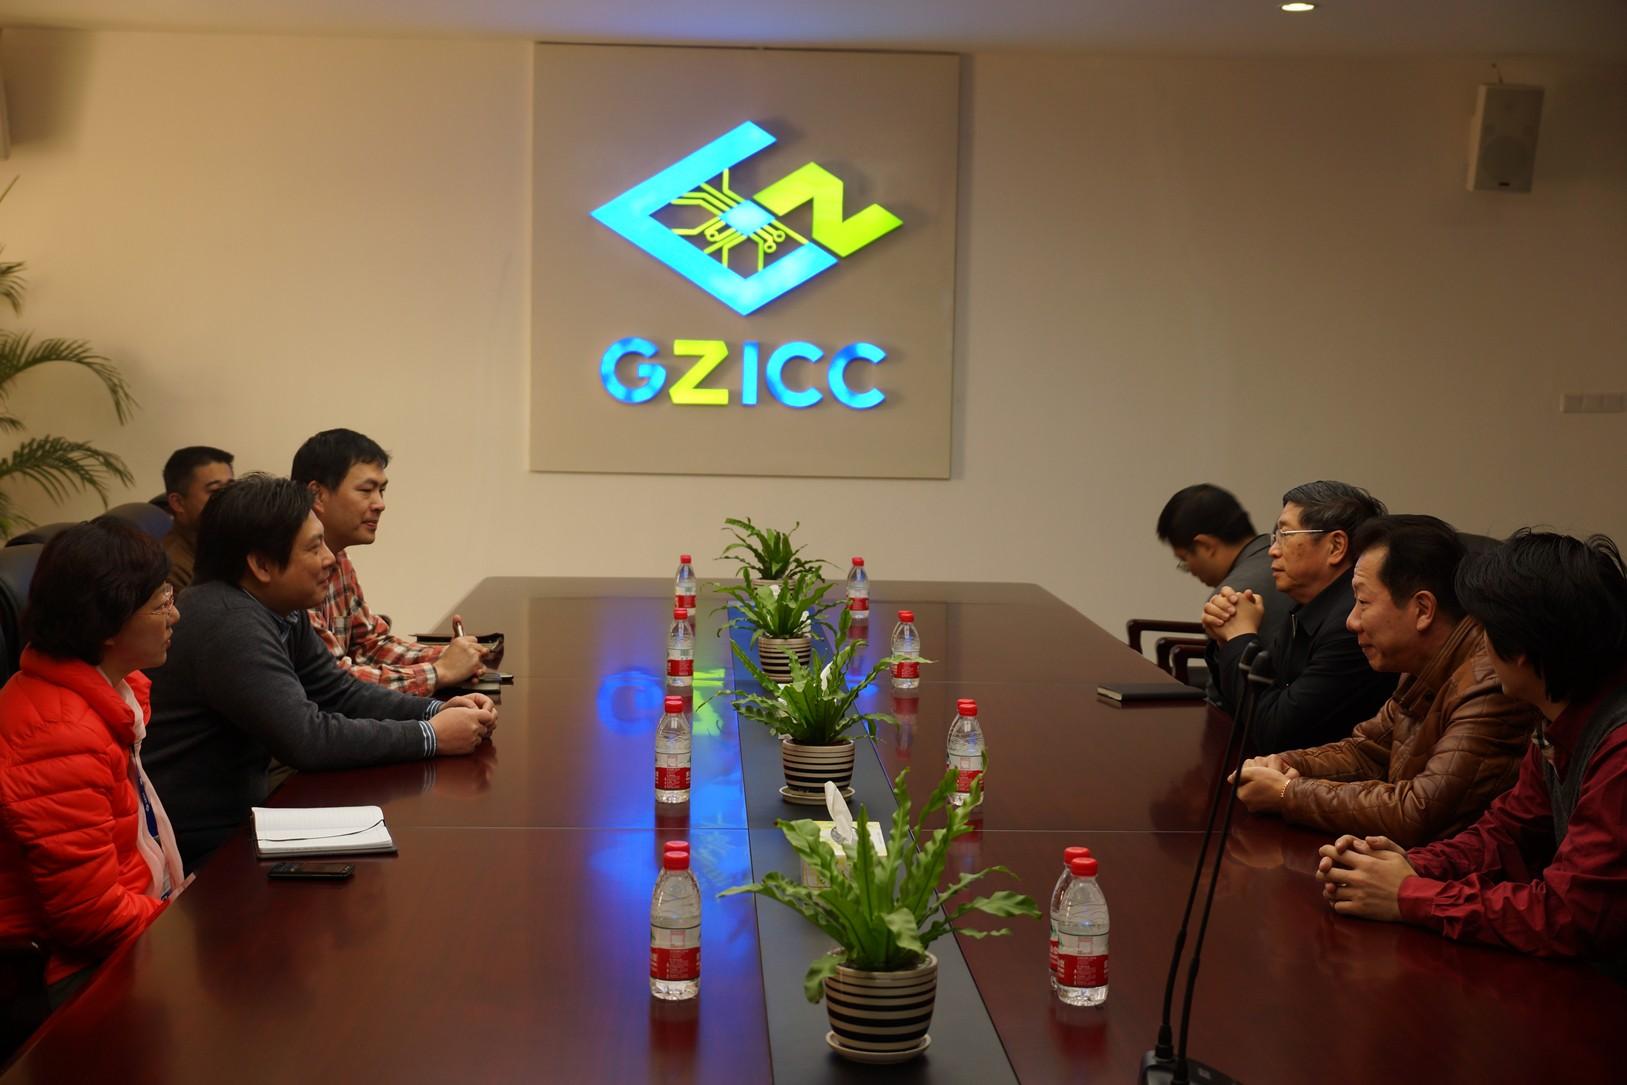 集成电路行业著名专家严晓浪教授莅临广州国家ic基地